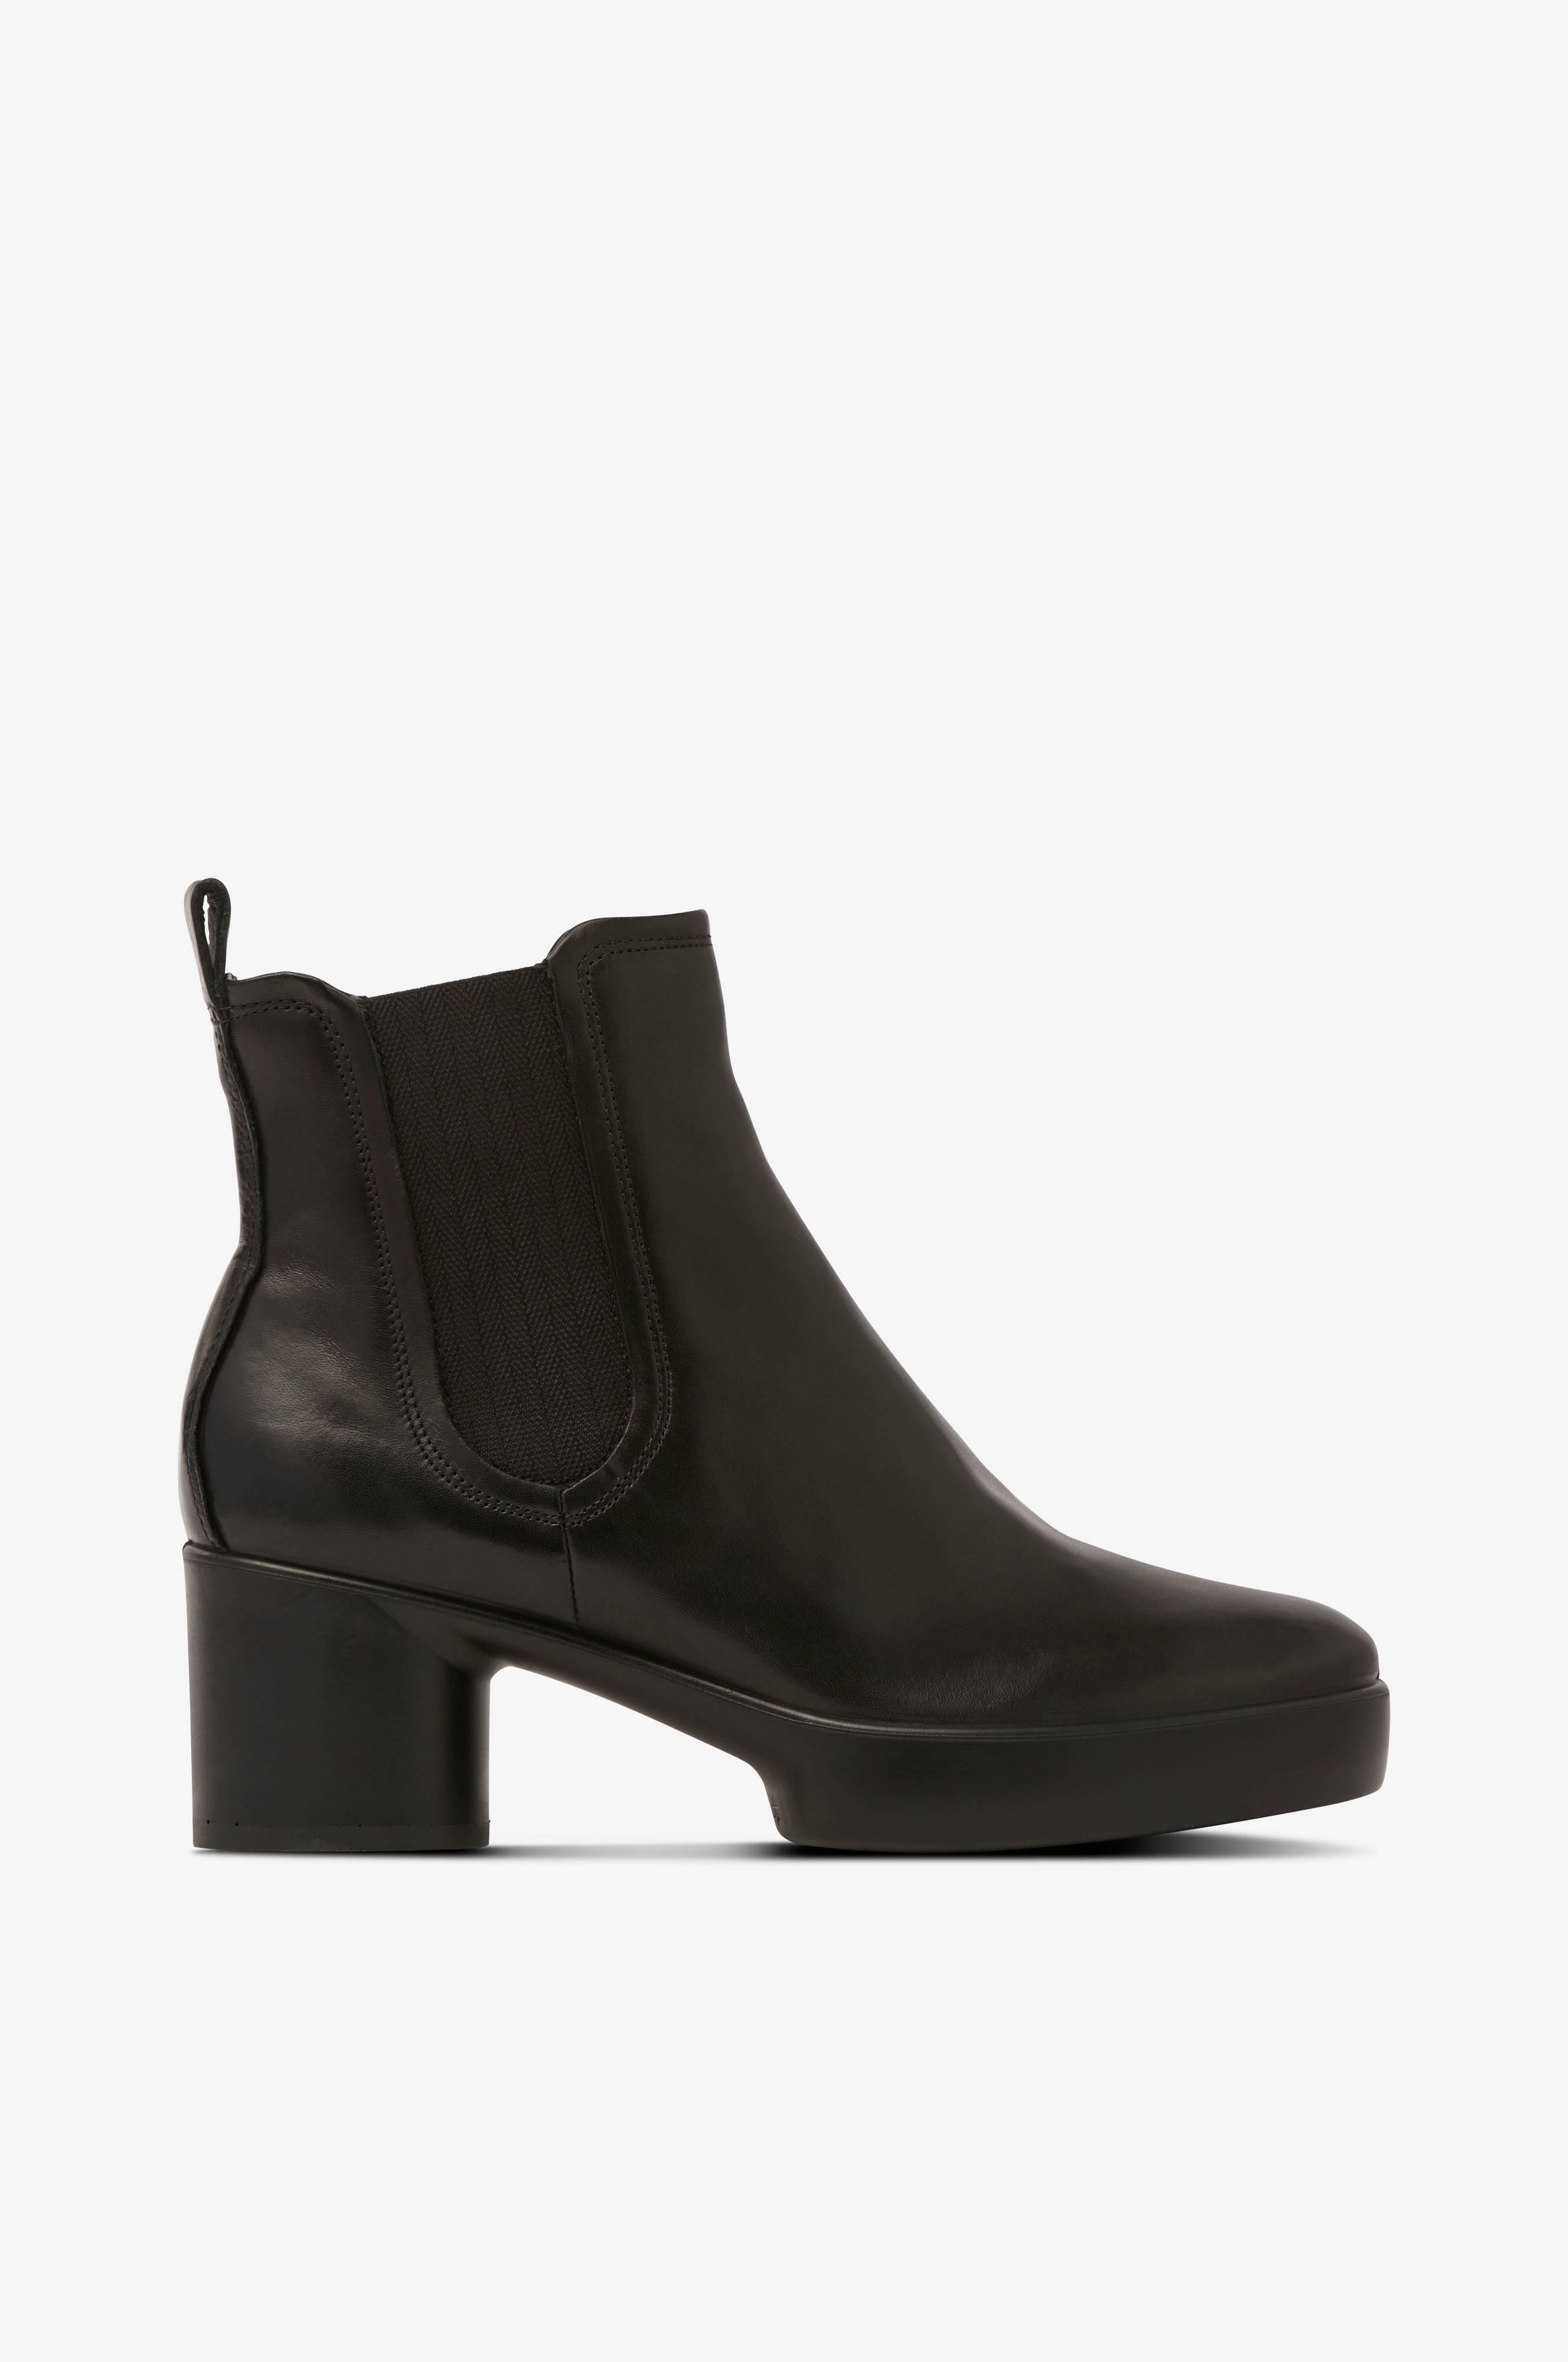 ecco Boots Shape Sculpted Motion 35 Sort Dame Ellos.dk